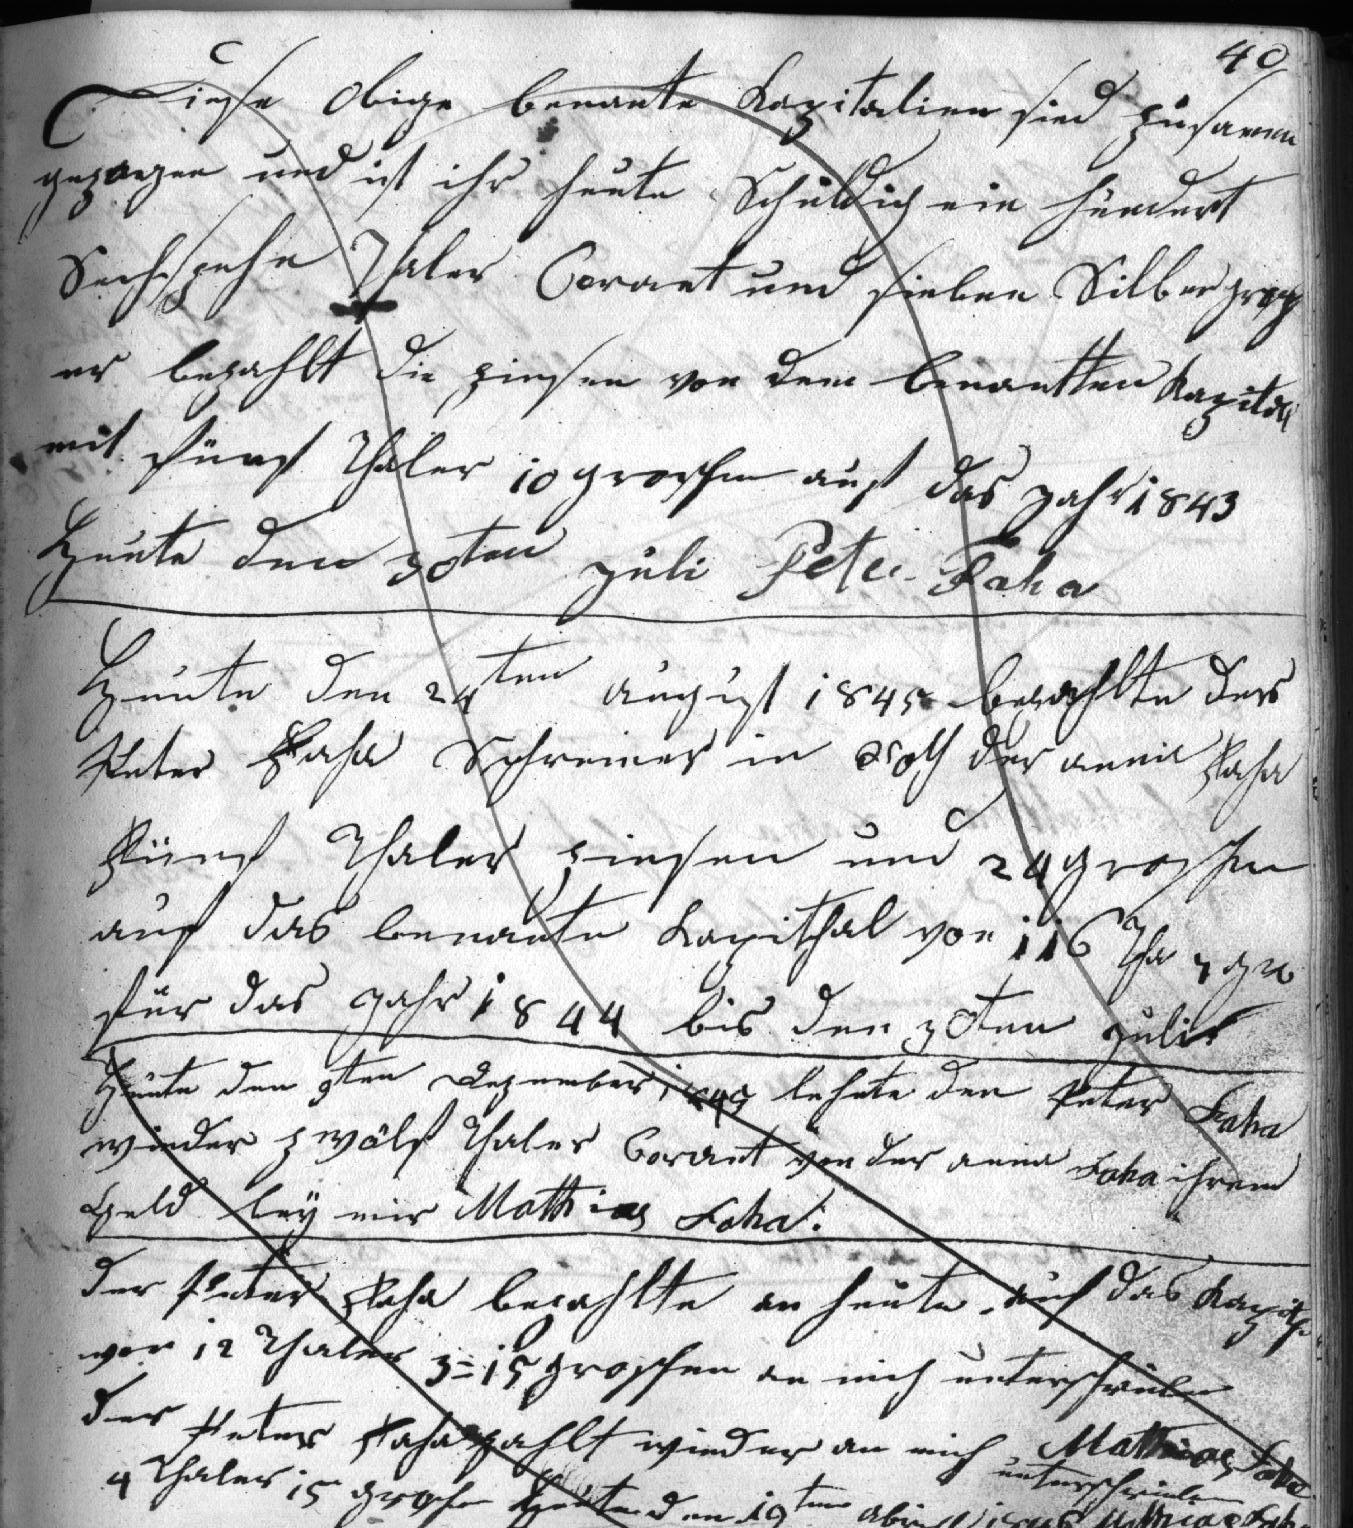 Alte Handschrift (sütterlin) 1845 übersetzen / transkribieren